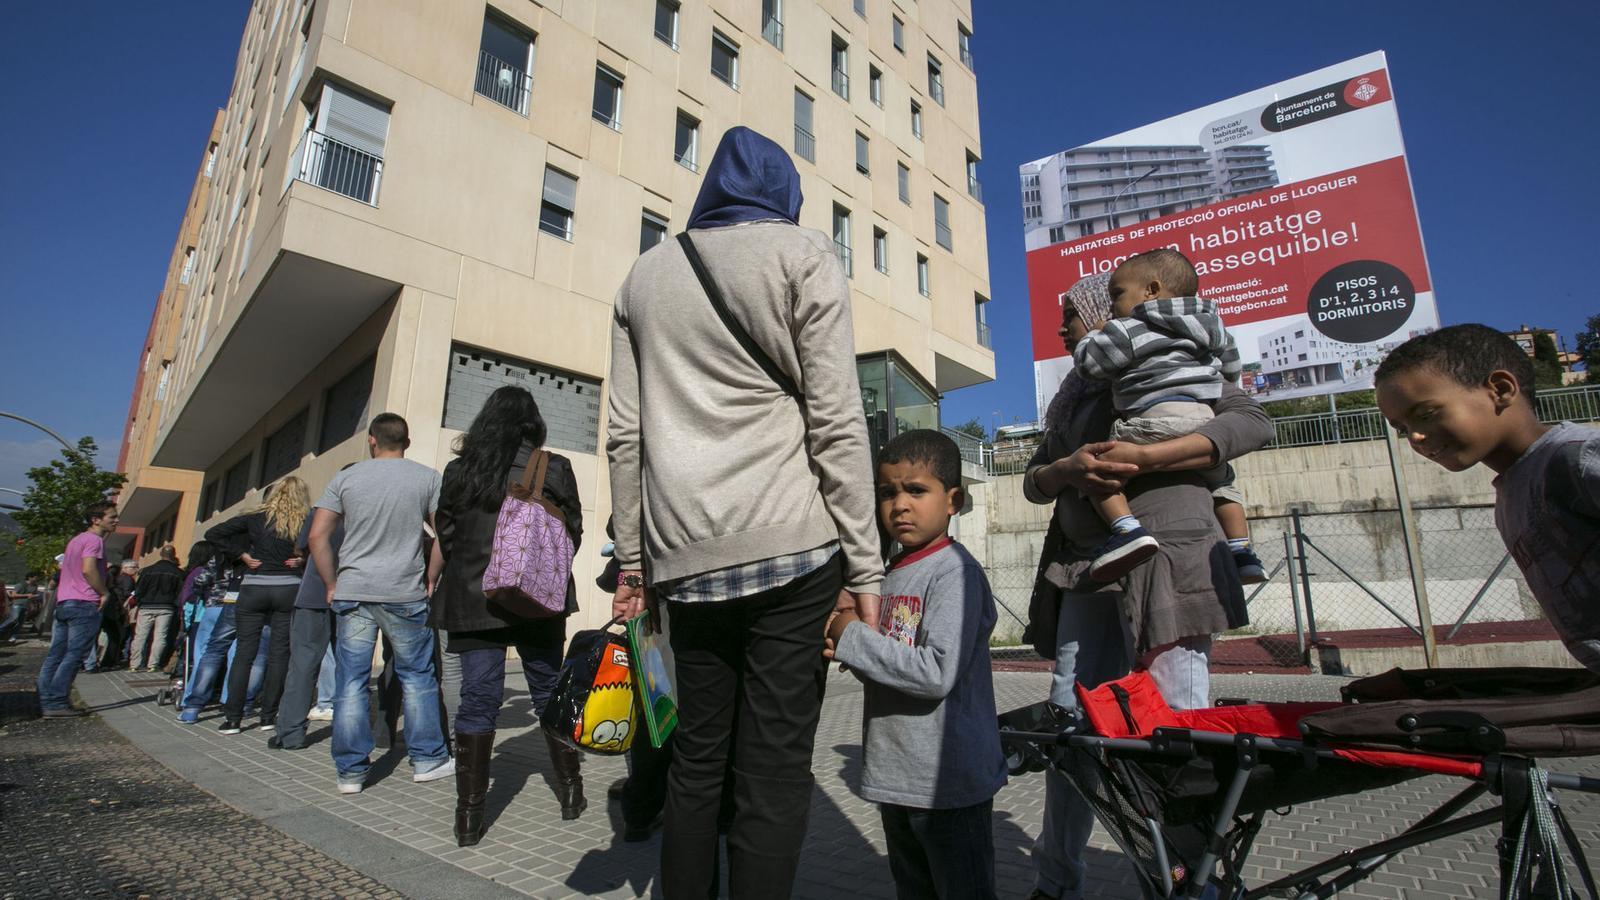 El departament de territori no concreta la venda d 39 actius - Pis proteccio oficial barcelona ...